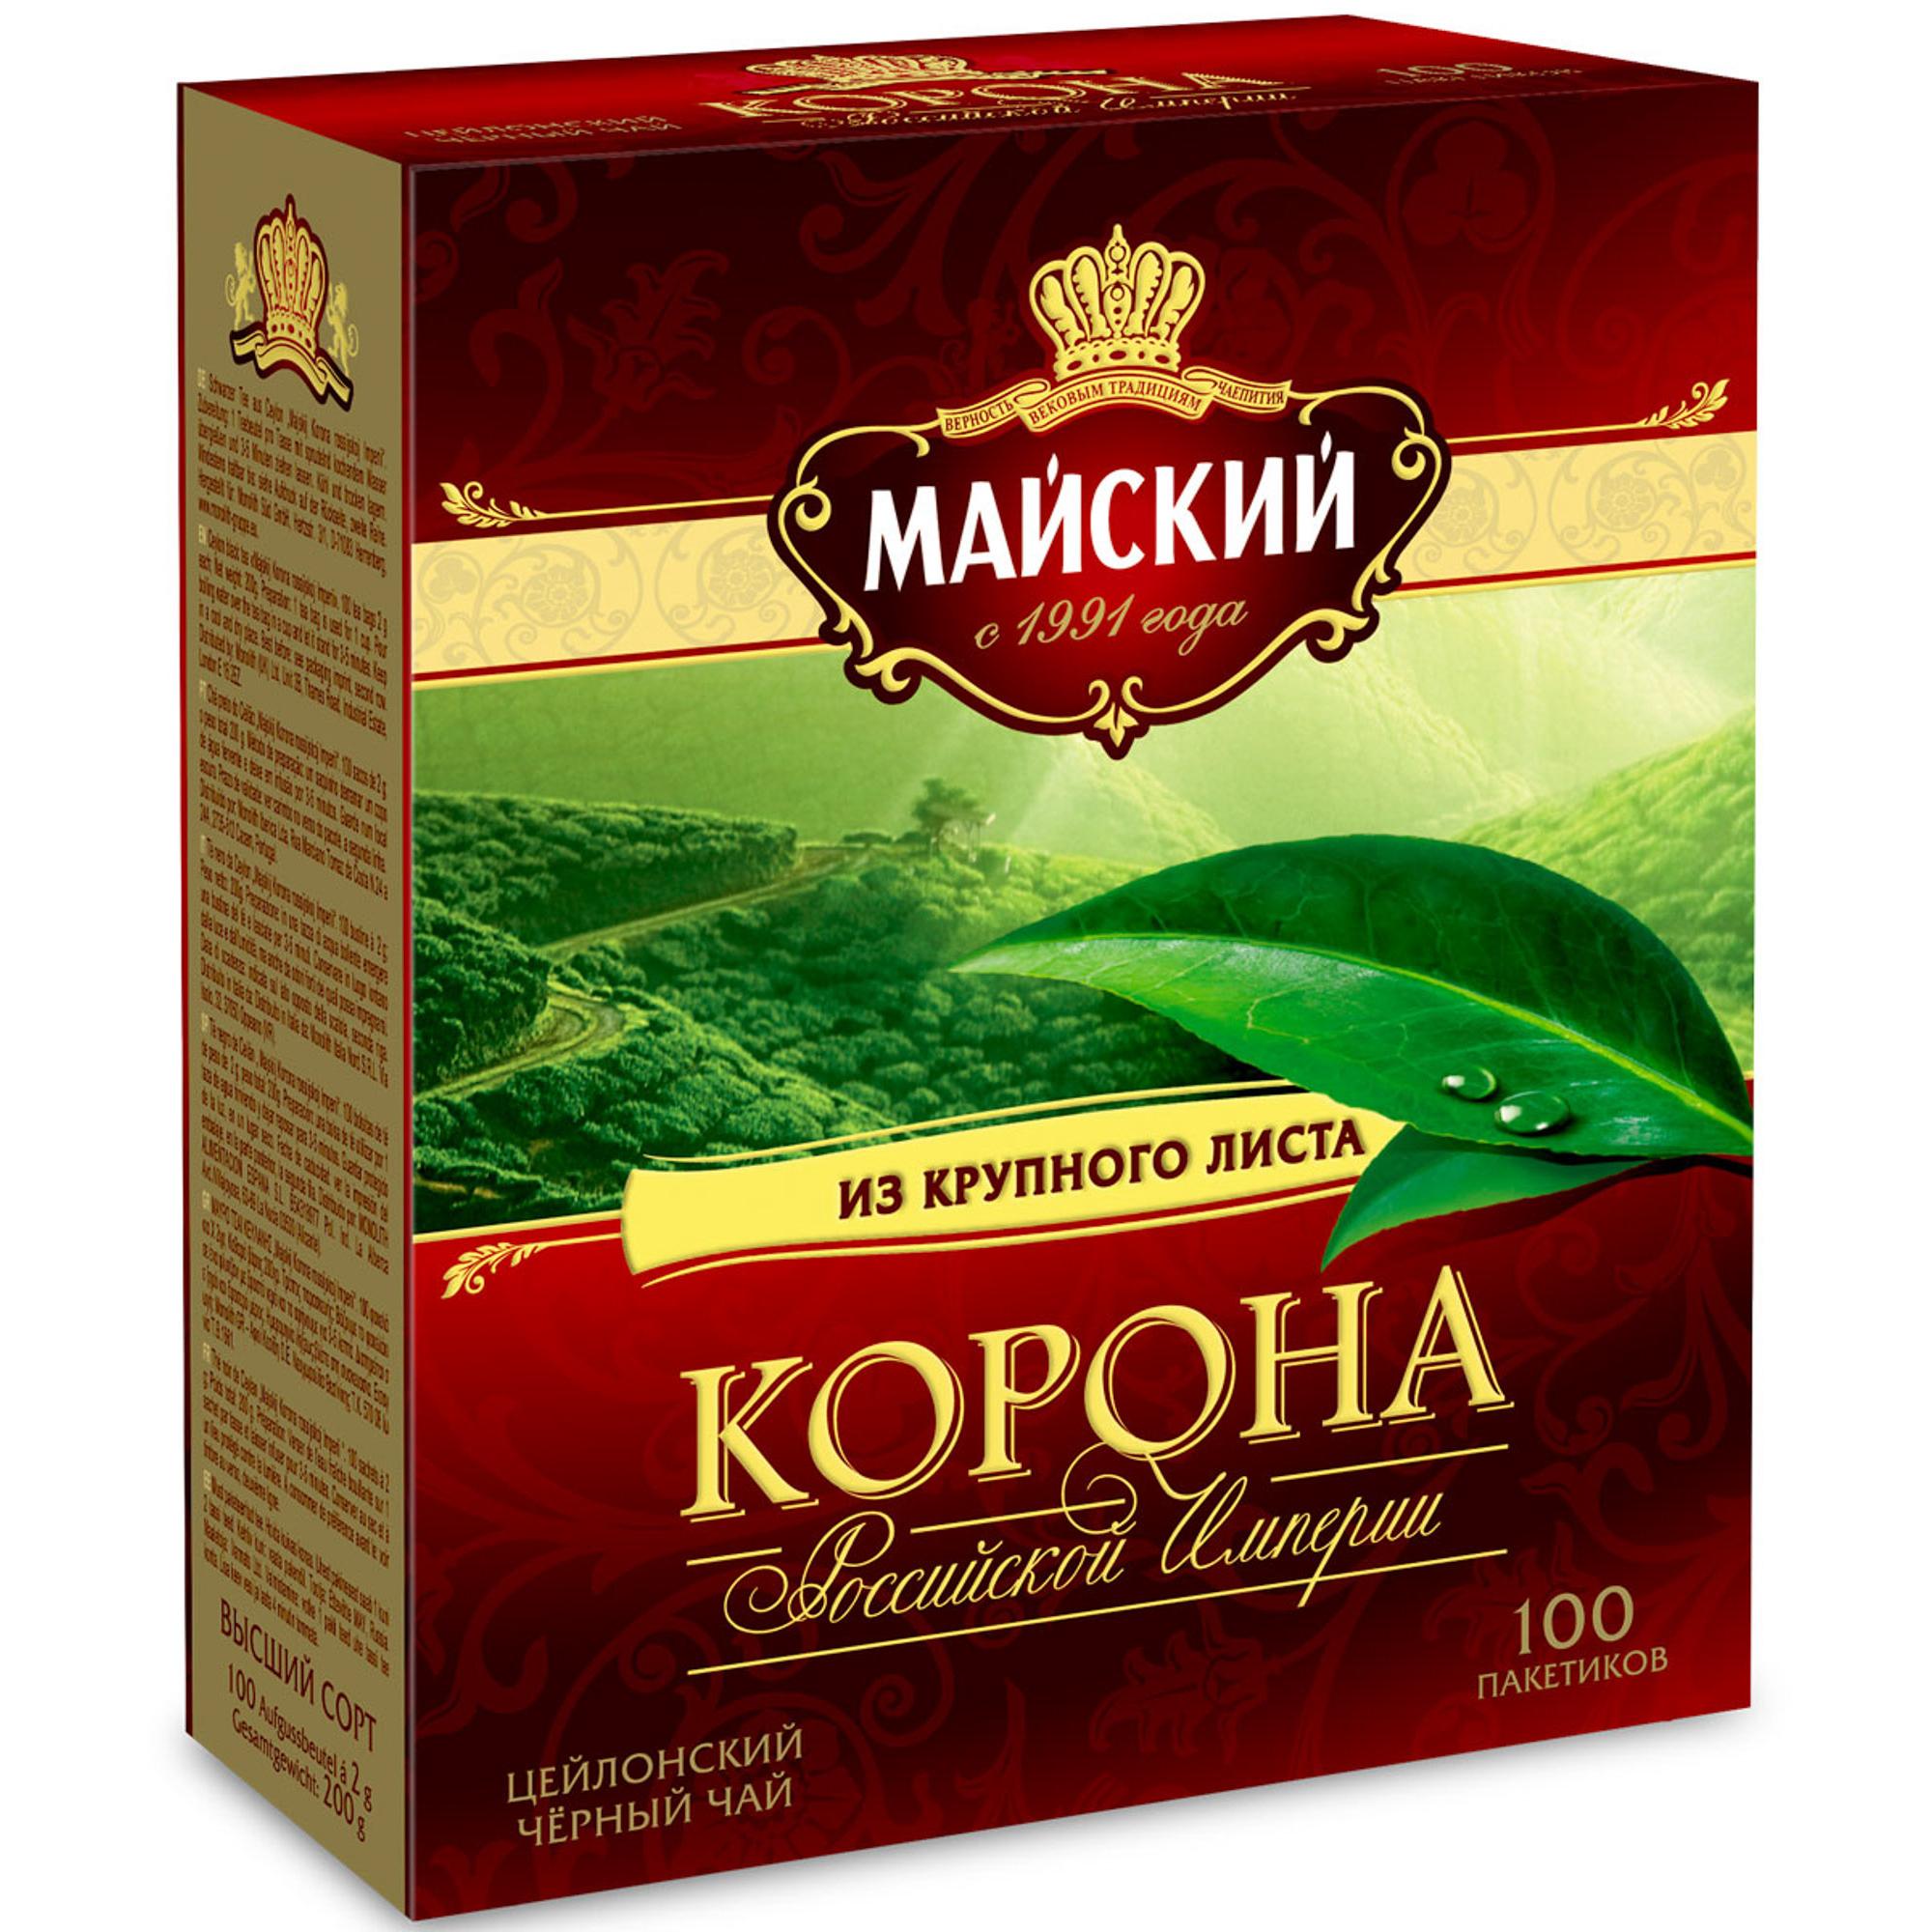 Чай черный Майский Корона Российской Империи 100 пакетиков фото